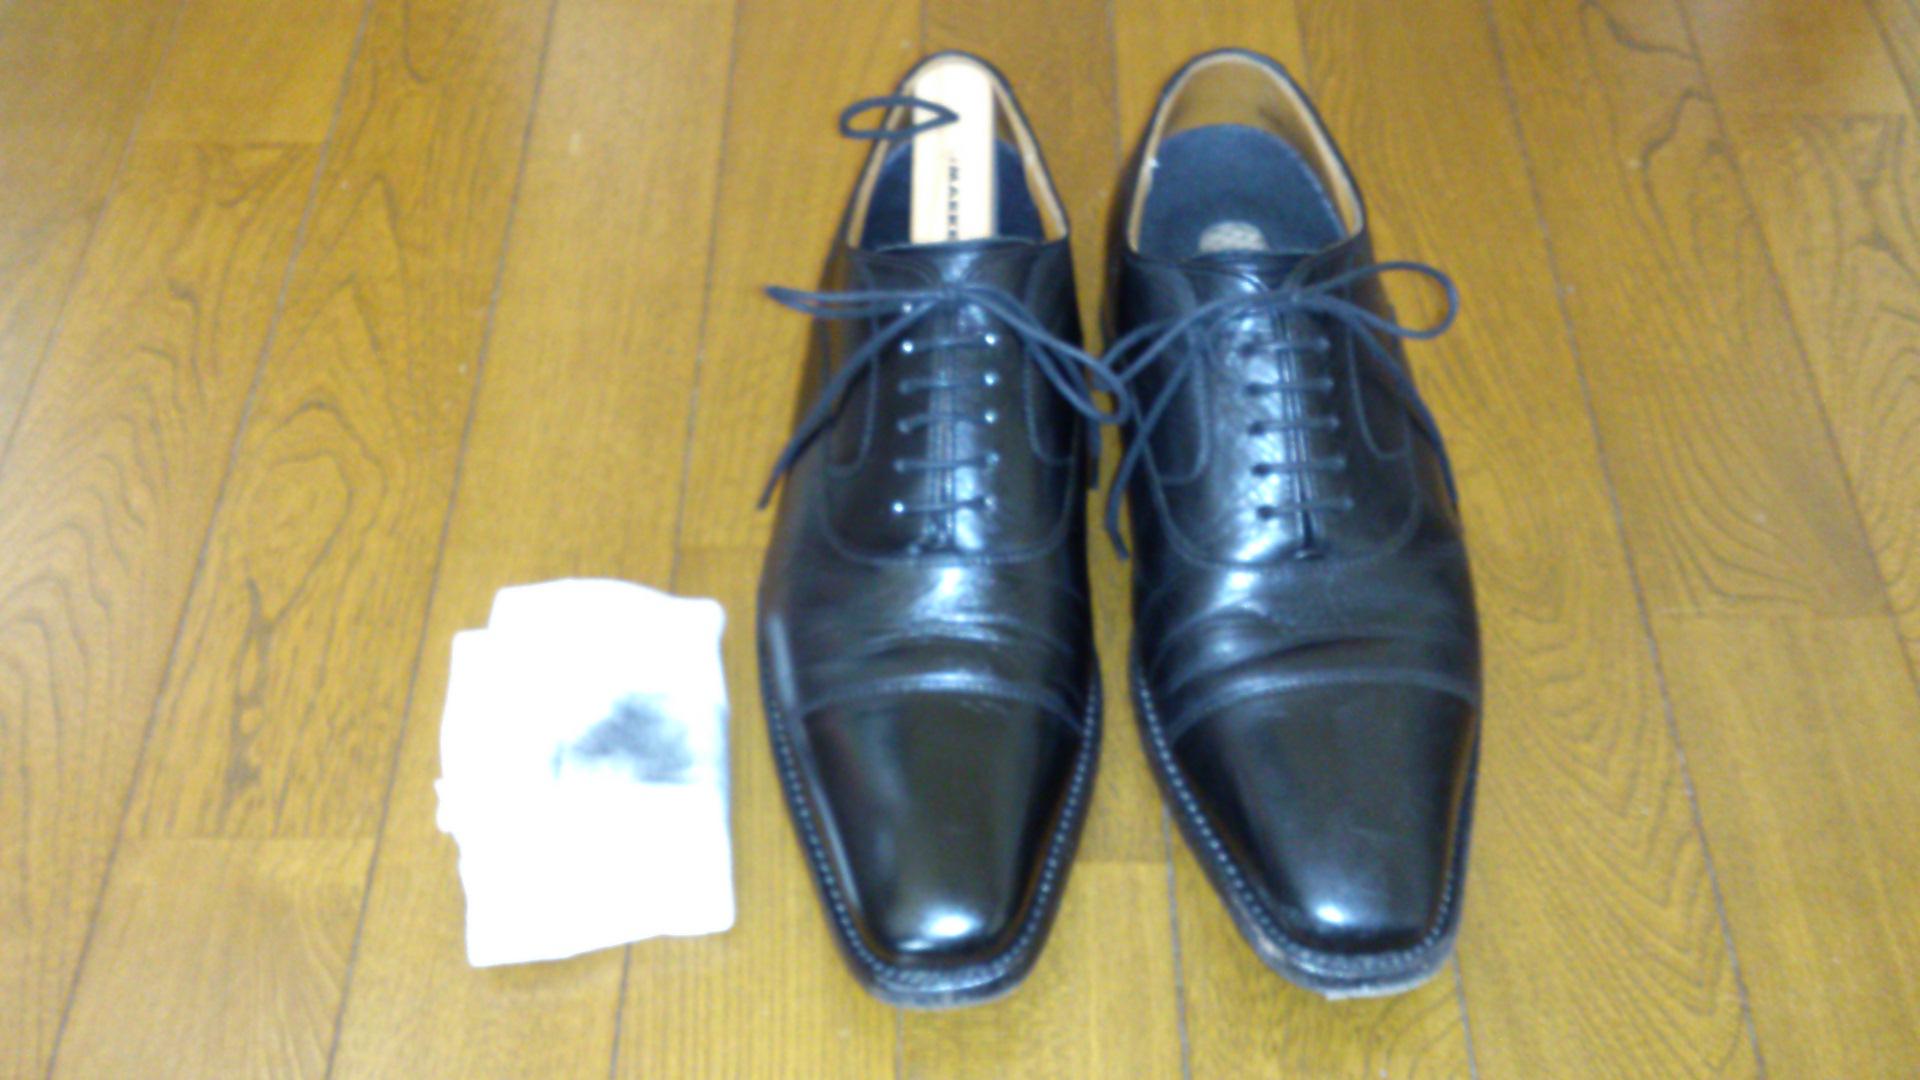 100円ショップで買うべき靴磨きの商品!具体的な使い方